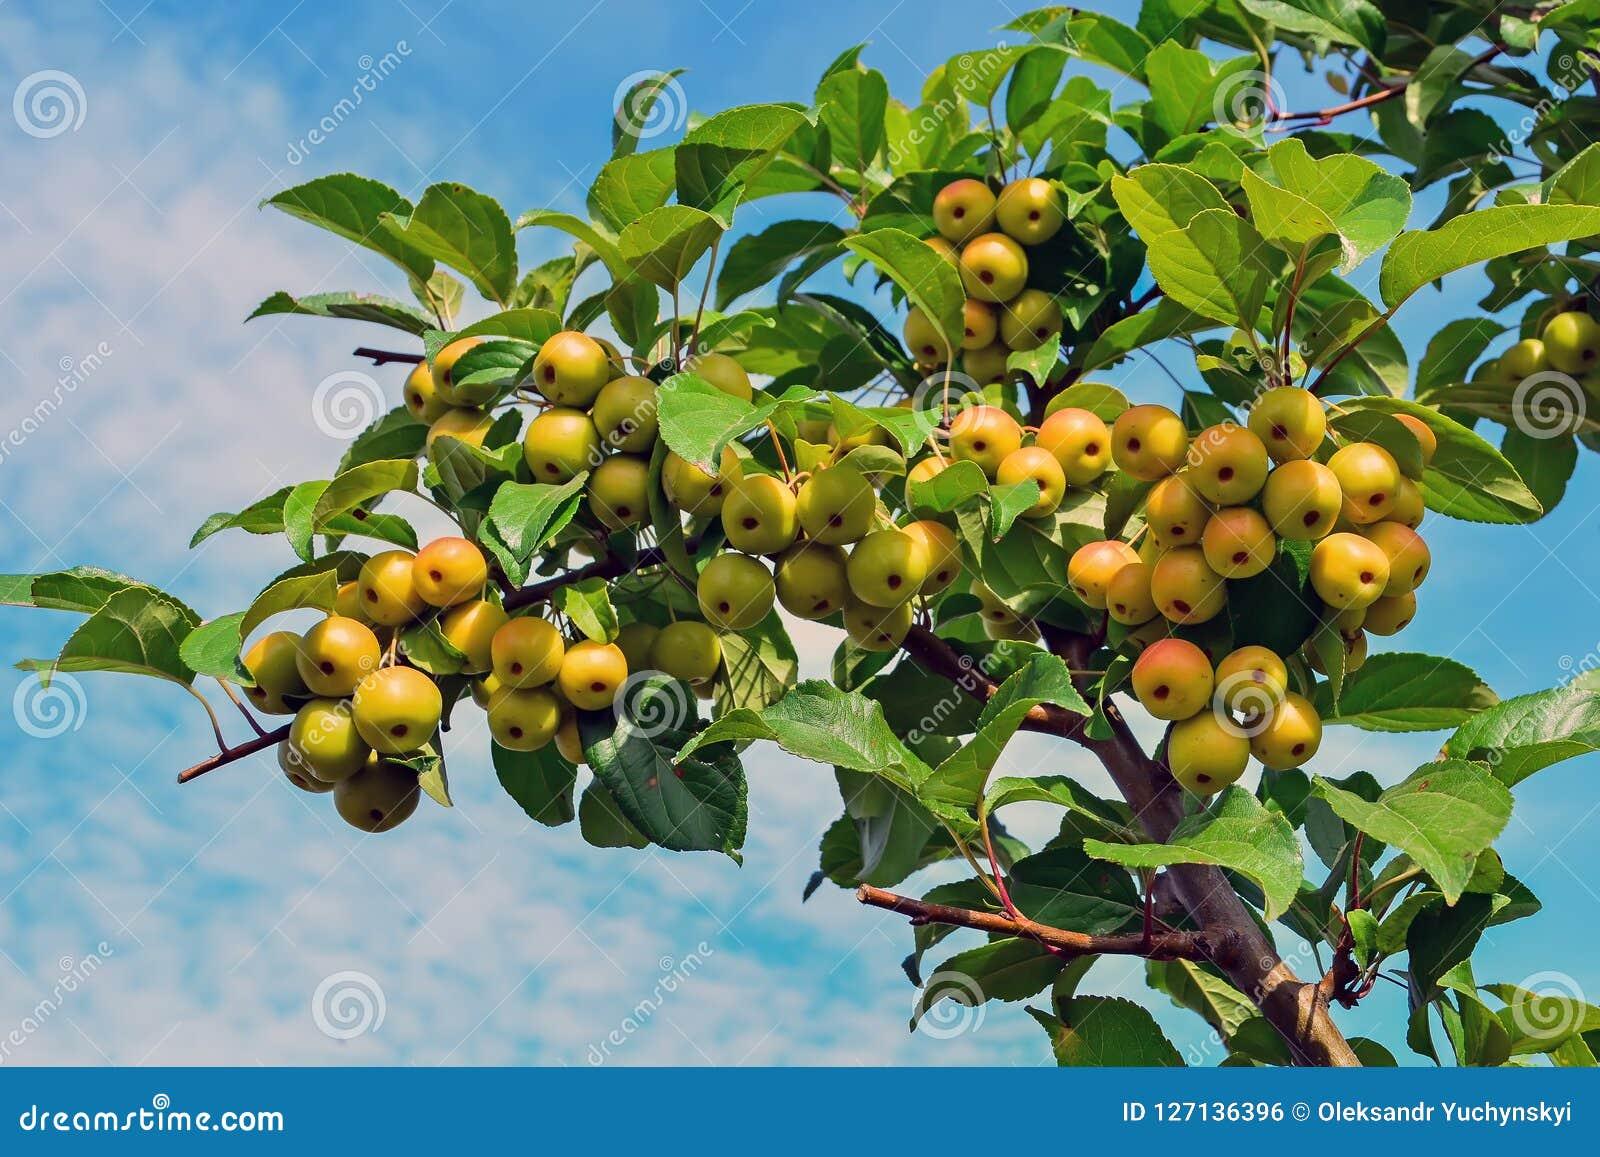 Petit, propre, pollinisateur de pomme de pommes sur des branches